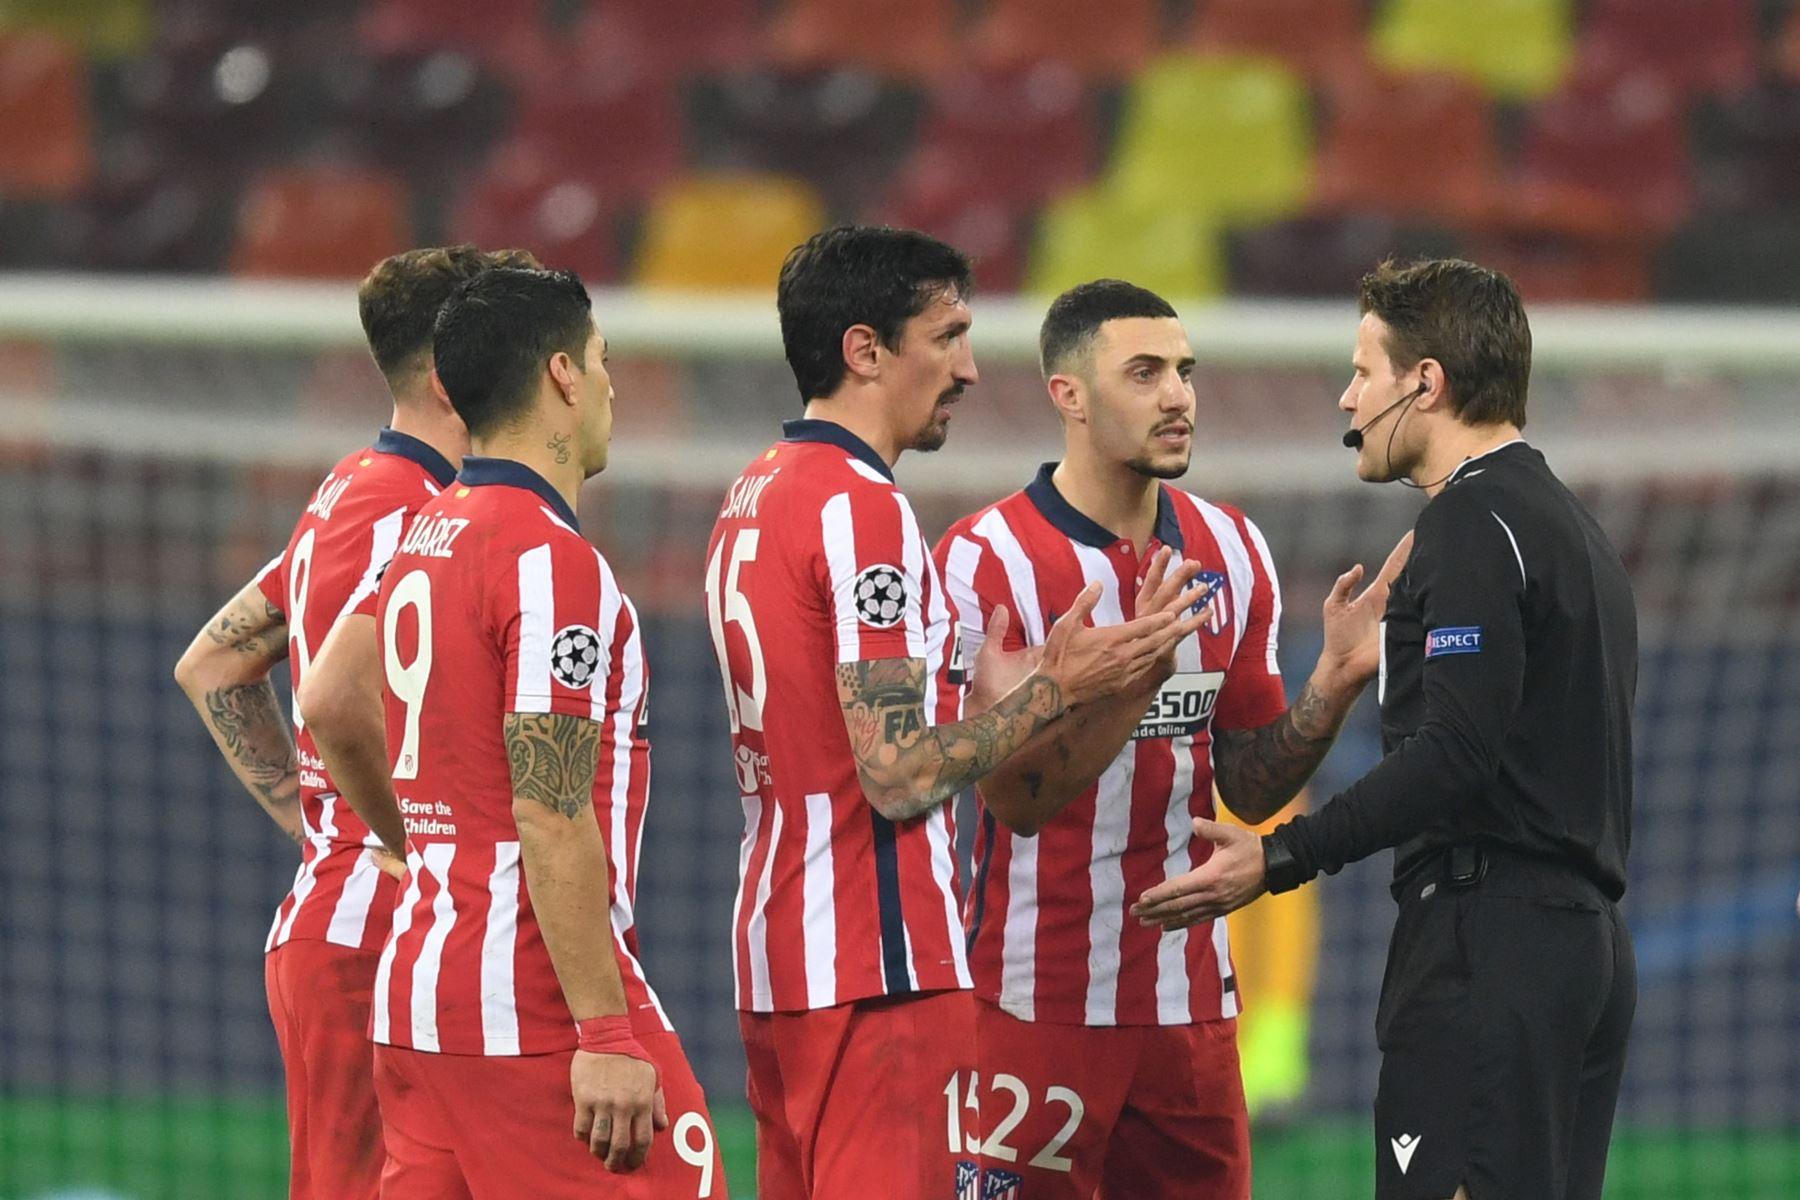 Los jugadores del Atlético de Madrid hablan con el árbitro alemán Felix Brych durante el partido de ida de los octavos de final de la Liga de Campeones de la UEFA entre el Club Atlético de Madrid y el Chelsea. Foto AFP